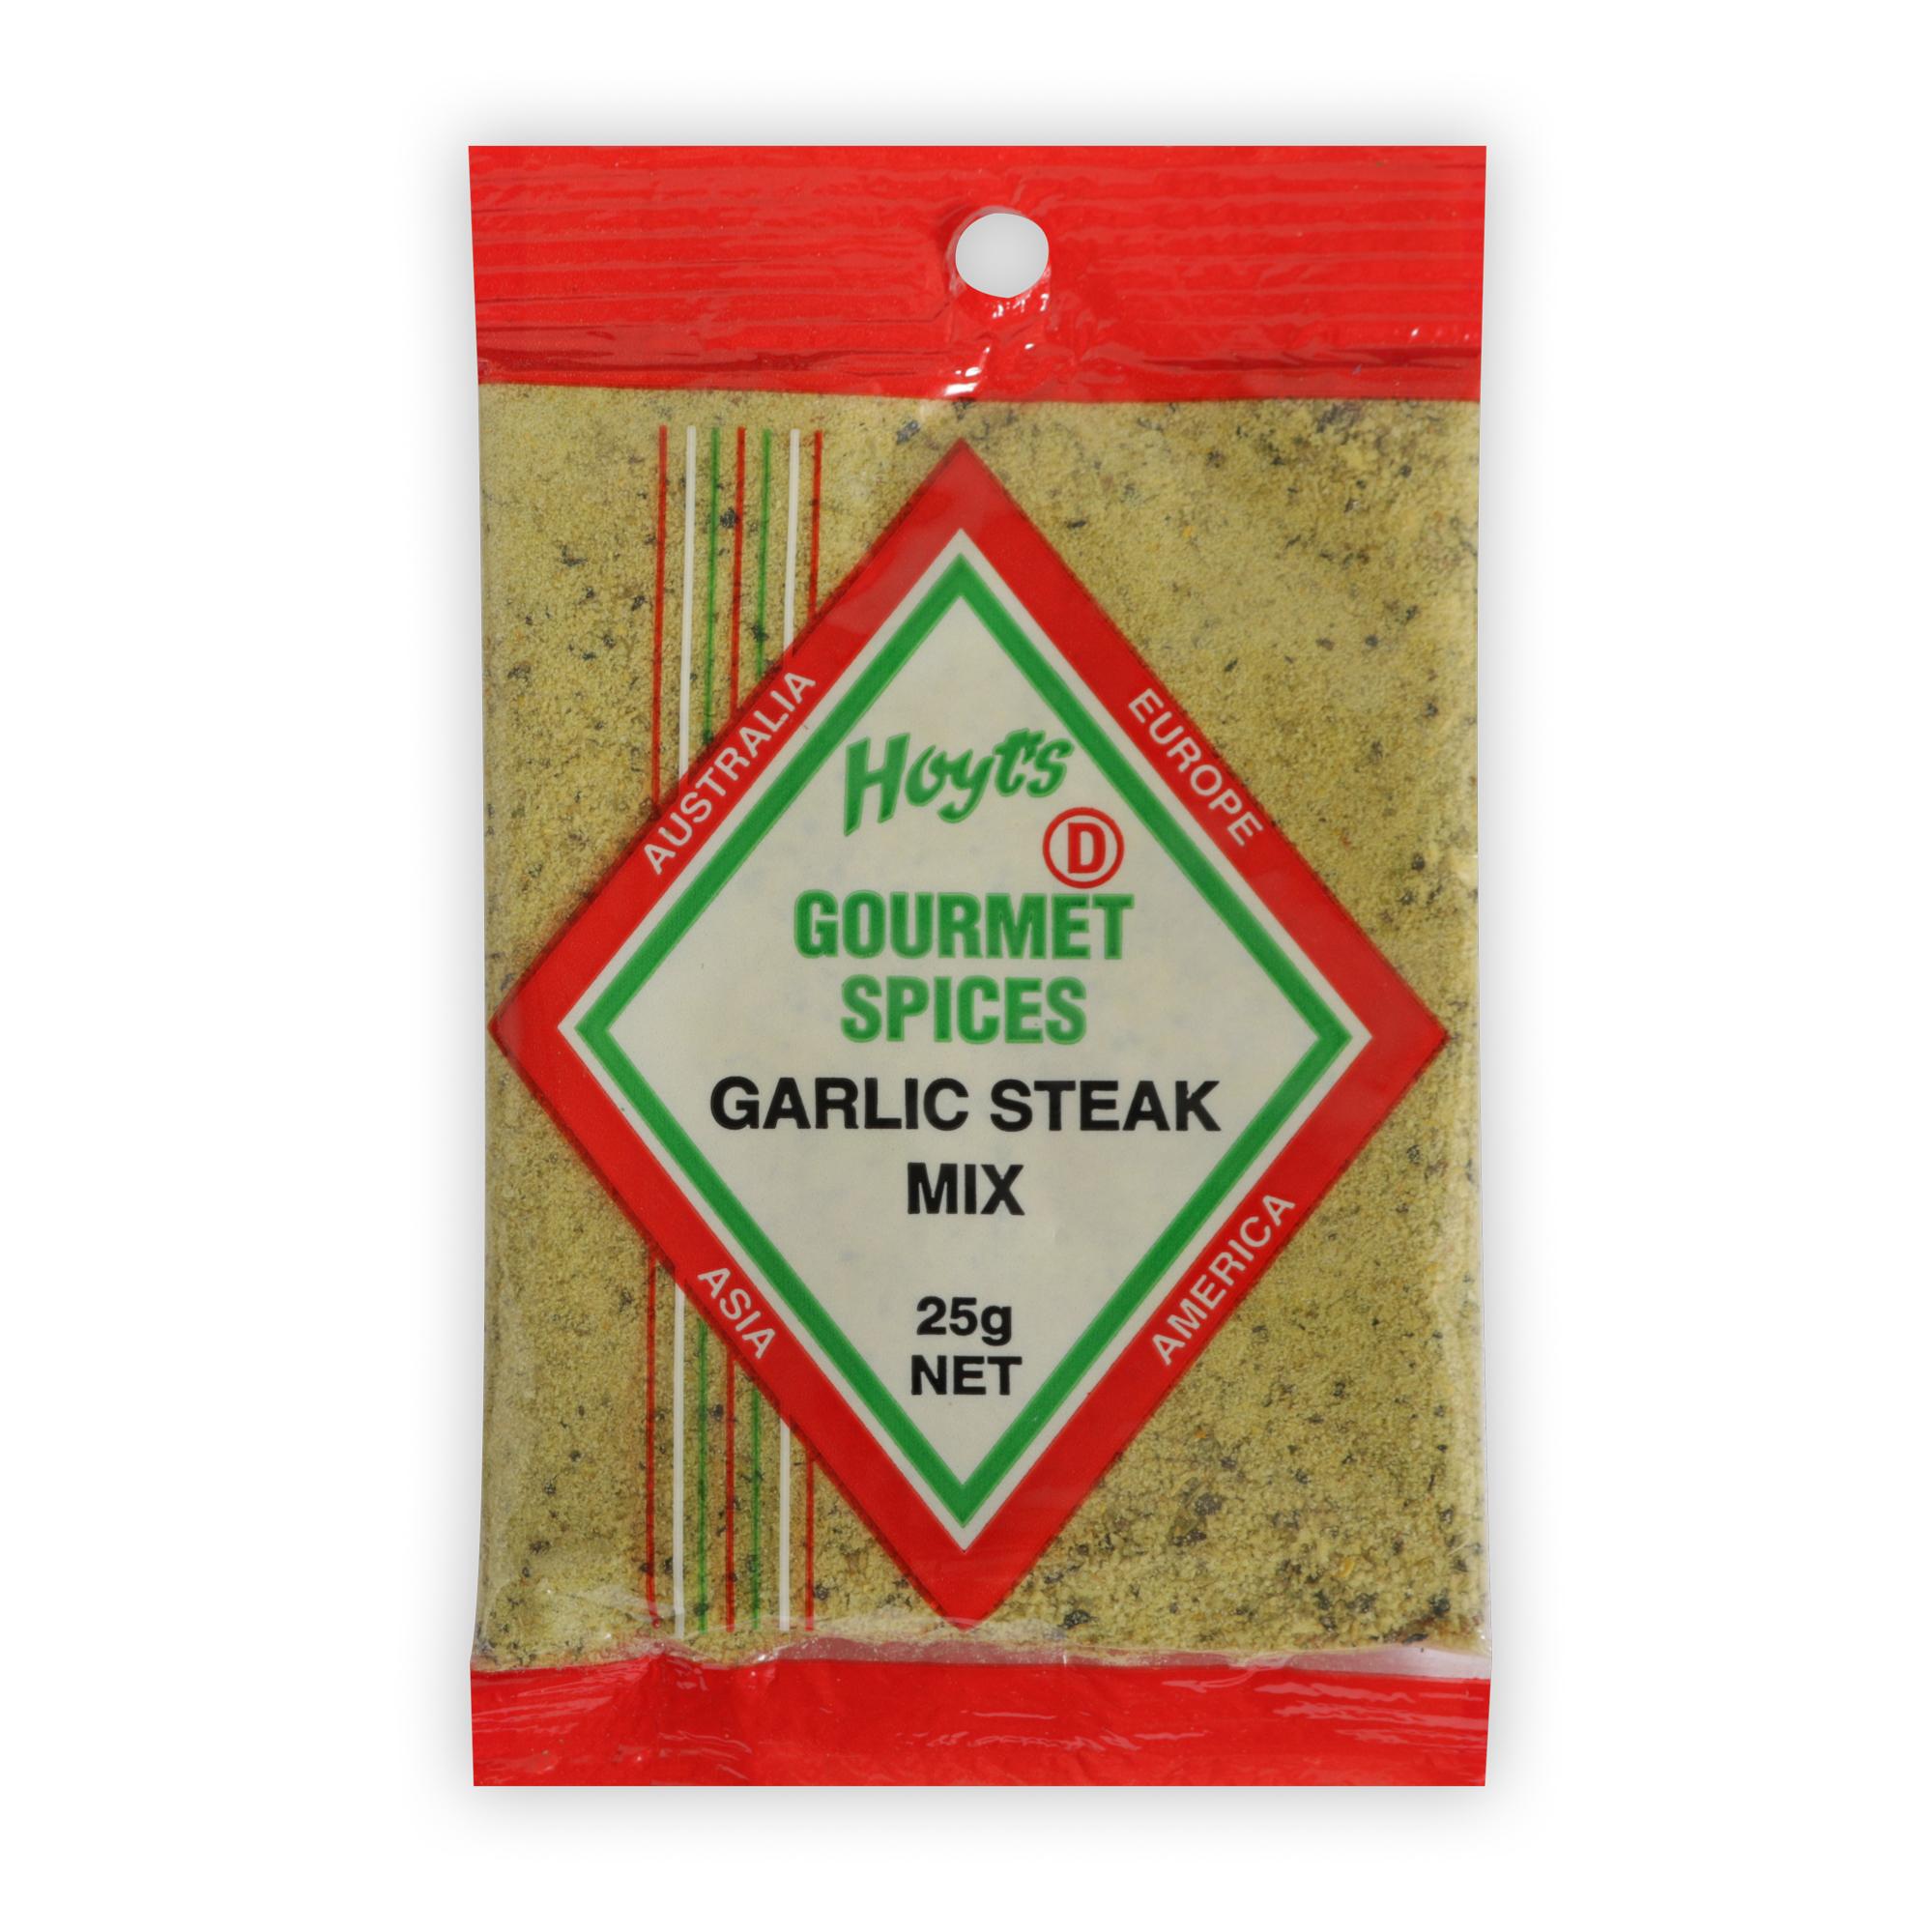 Gourmet Garlic Steak Mix 25g - 9300725010287 1